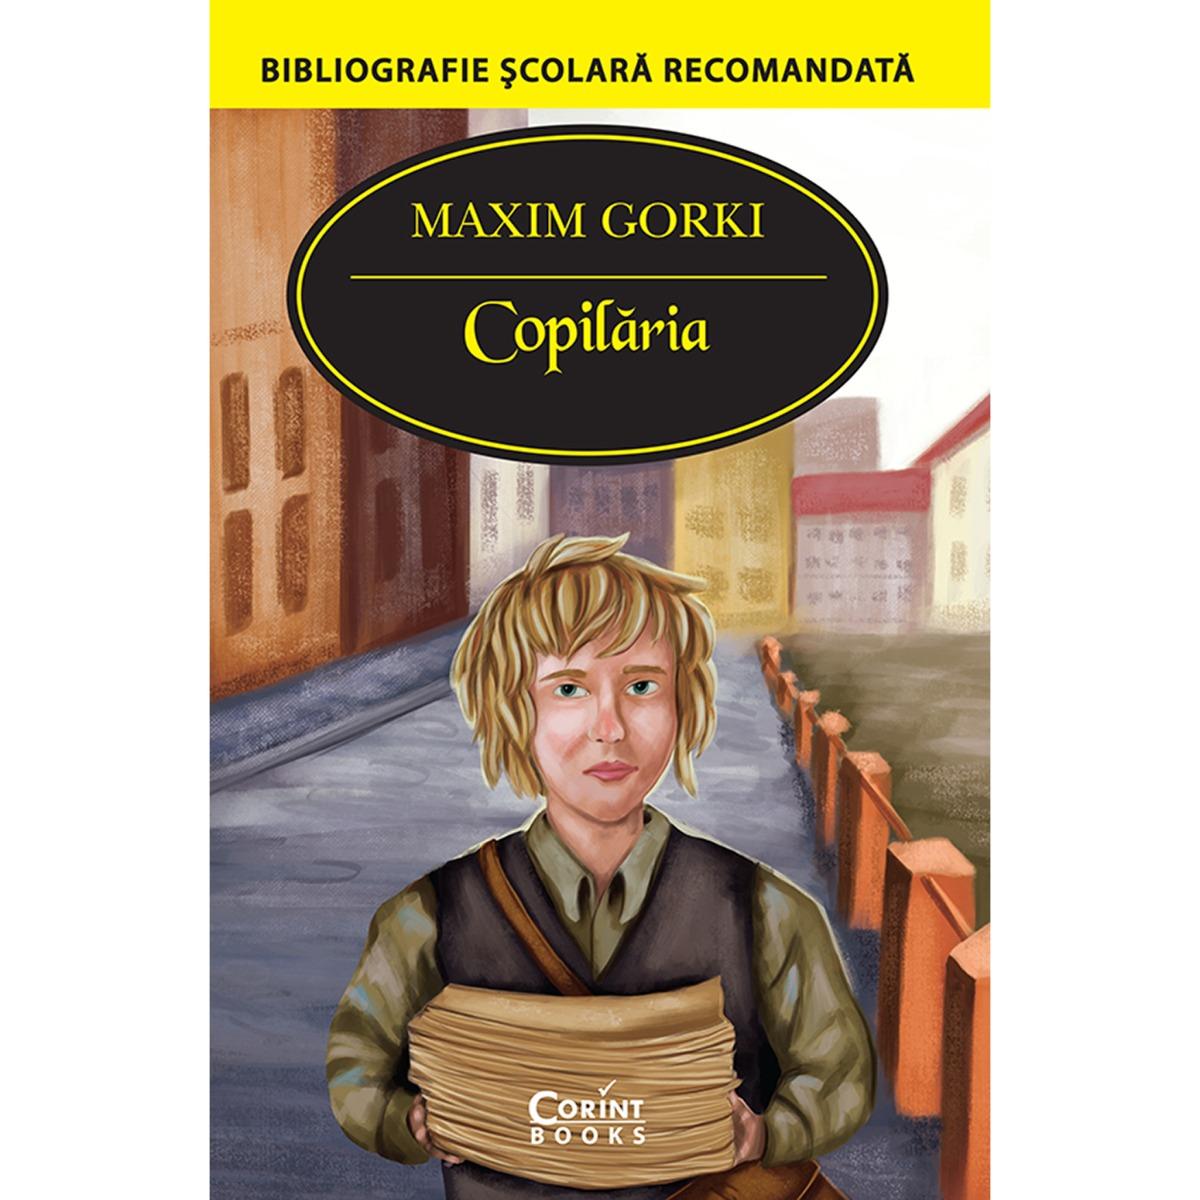 Carte Editura Corint, Copilaria, Maxim Gorki